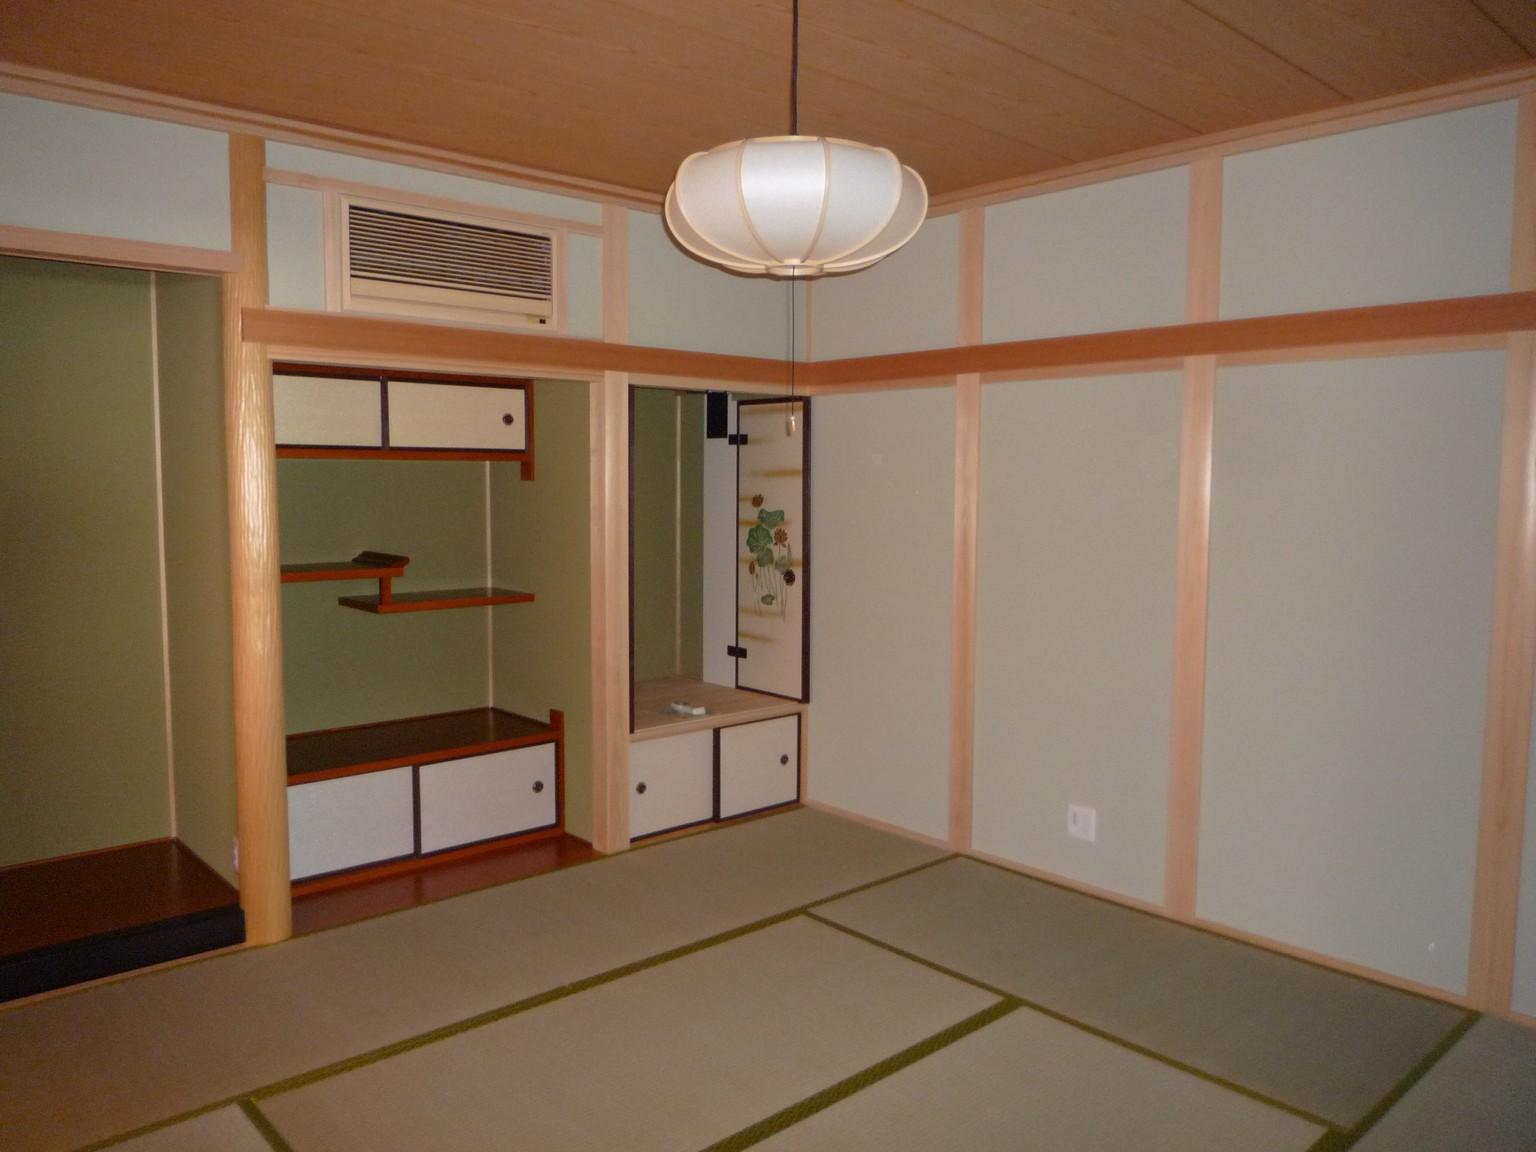 天然木やけいそう土など、自然素材をふんだんに使った本格的な和室